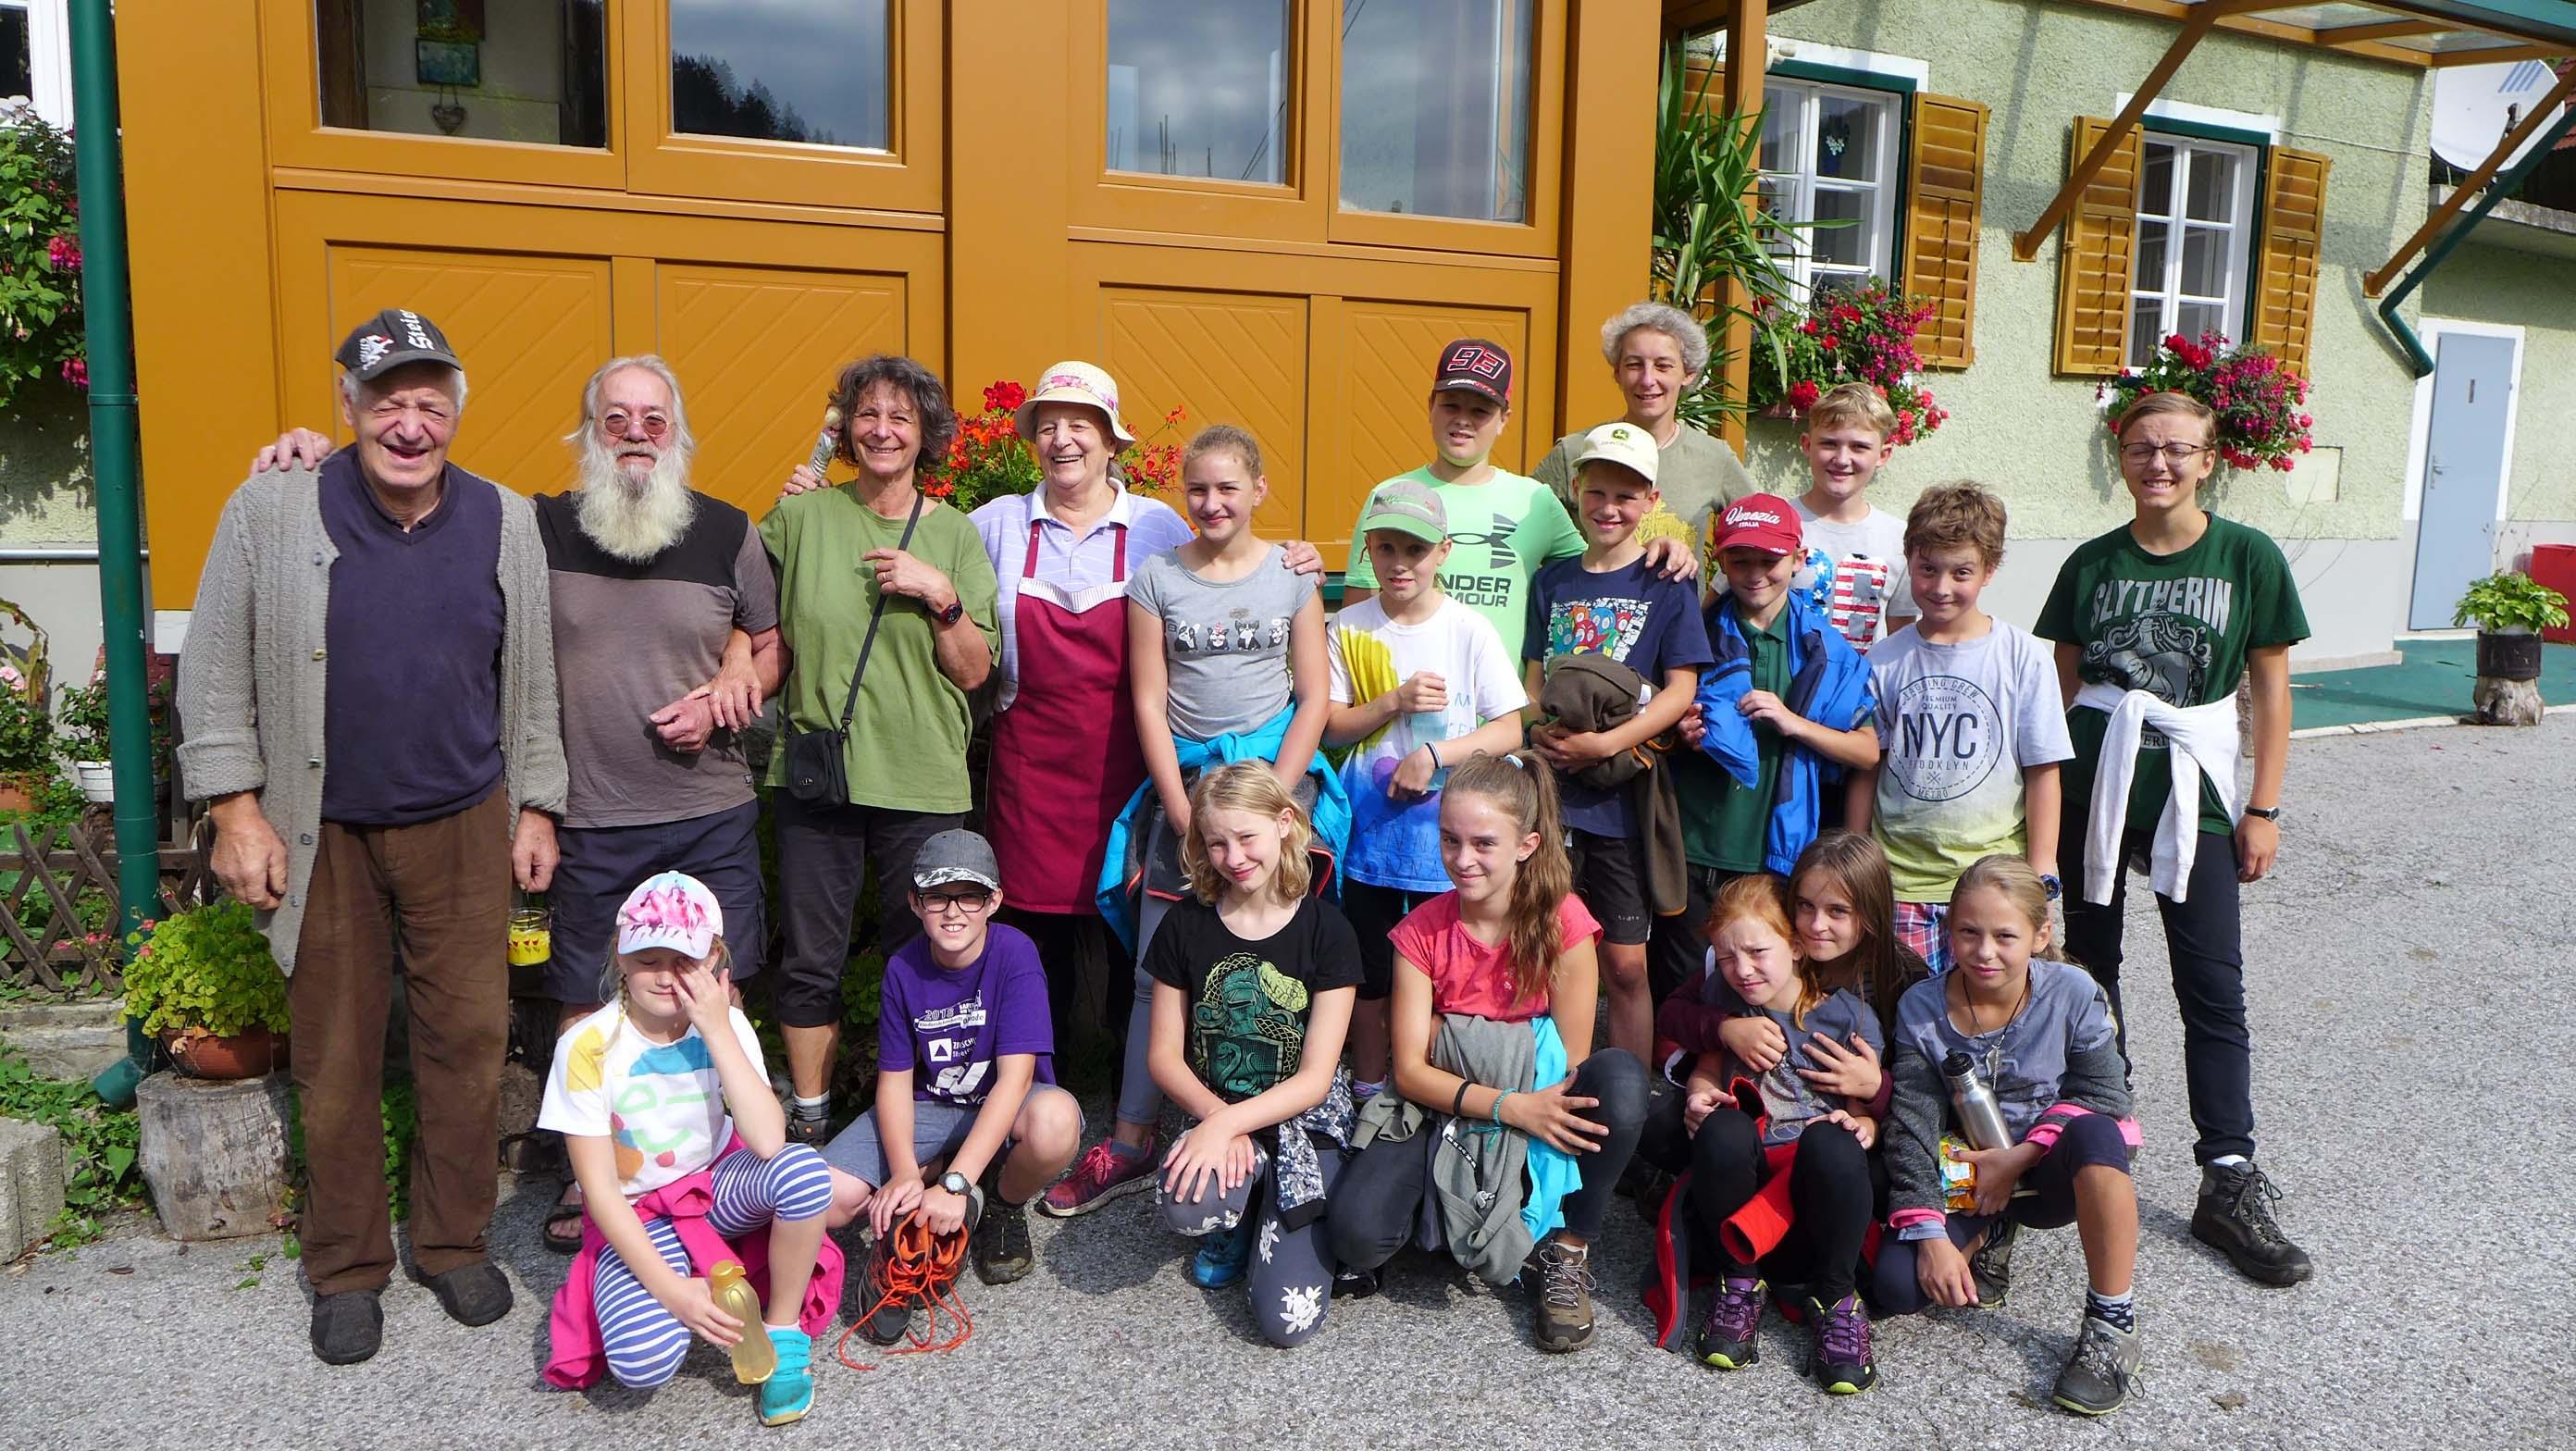 Abschiedsfoto der Kinder von Sepp Preiss (1. links) und Gretl Preiss (4. von links), dazwischen Pauli und Angelika Riegler von AGUAStud. Außen rechts Lea Feuerstein (AGUAStud) und dritte von rechts hinten, Fr. Dr. Ismene Fertschai (Uni Graz)